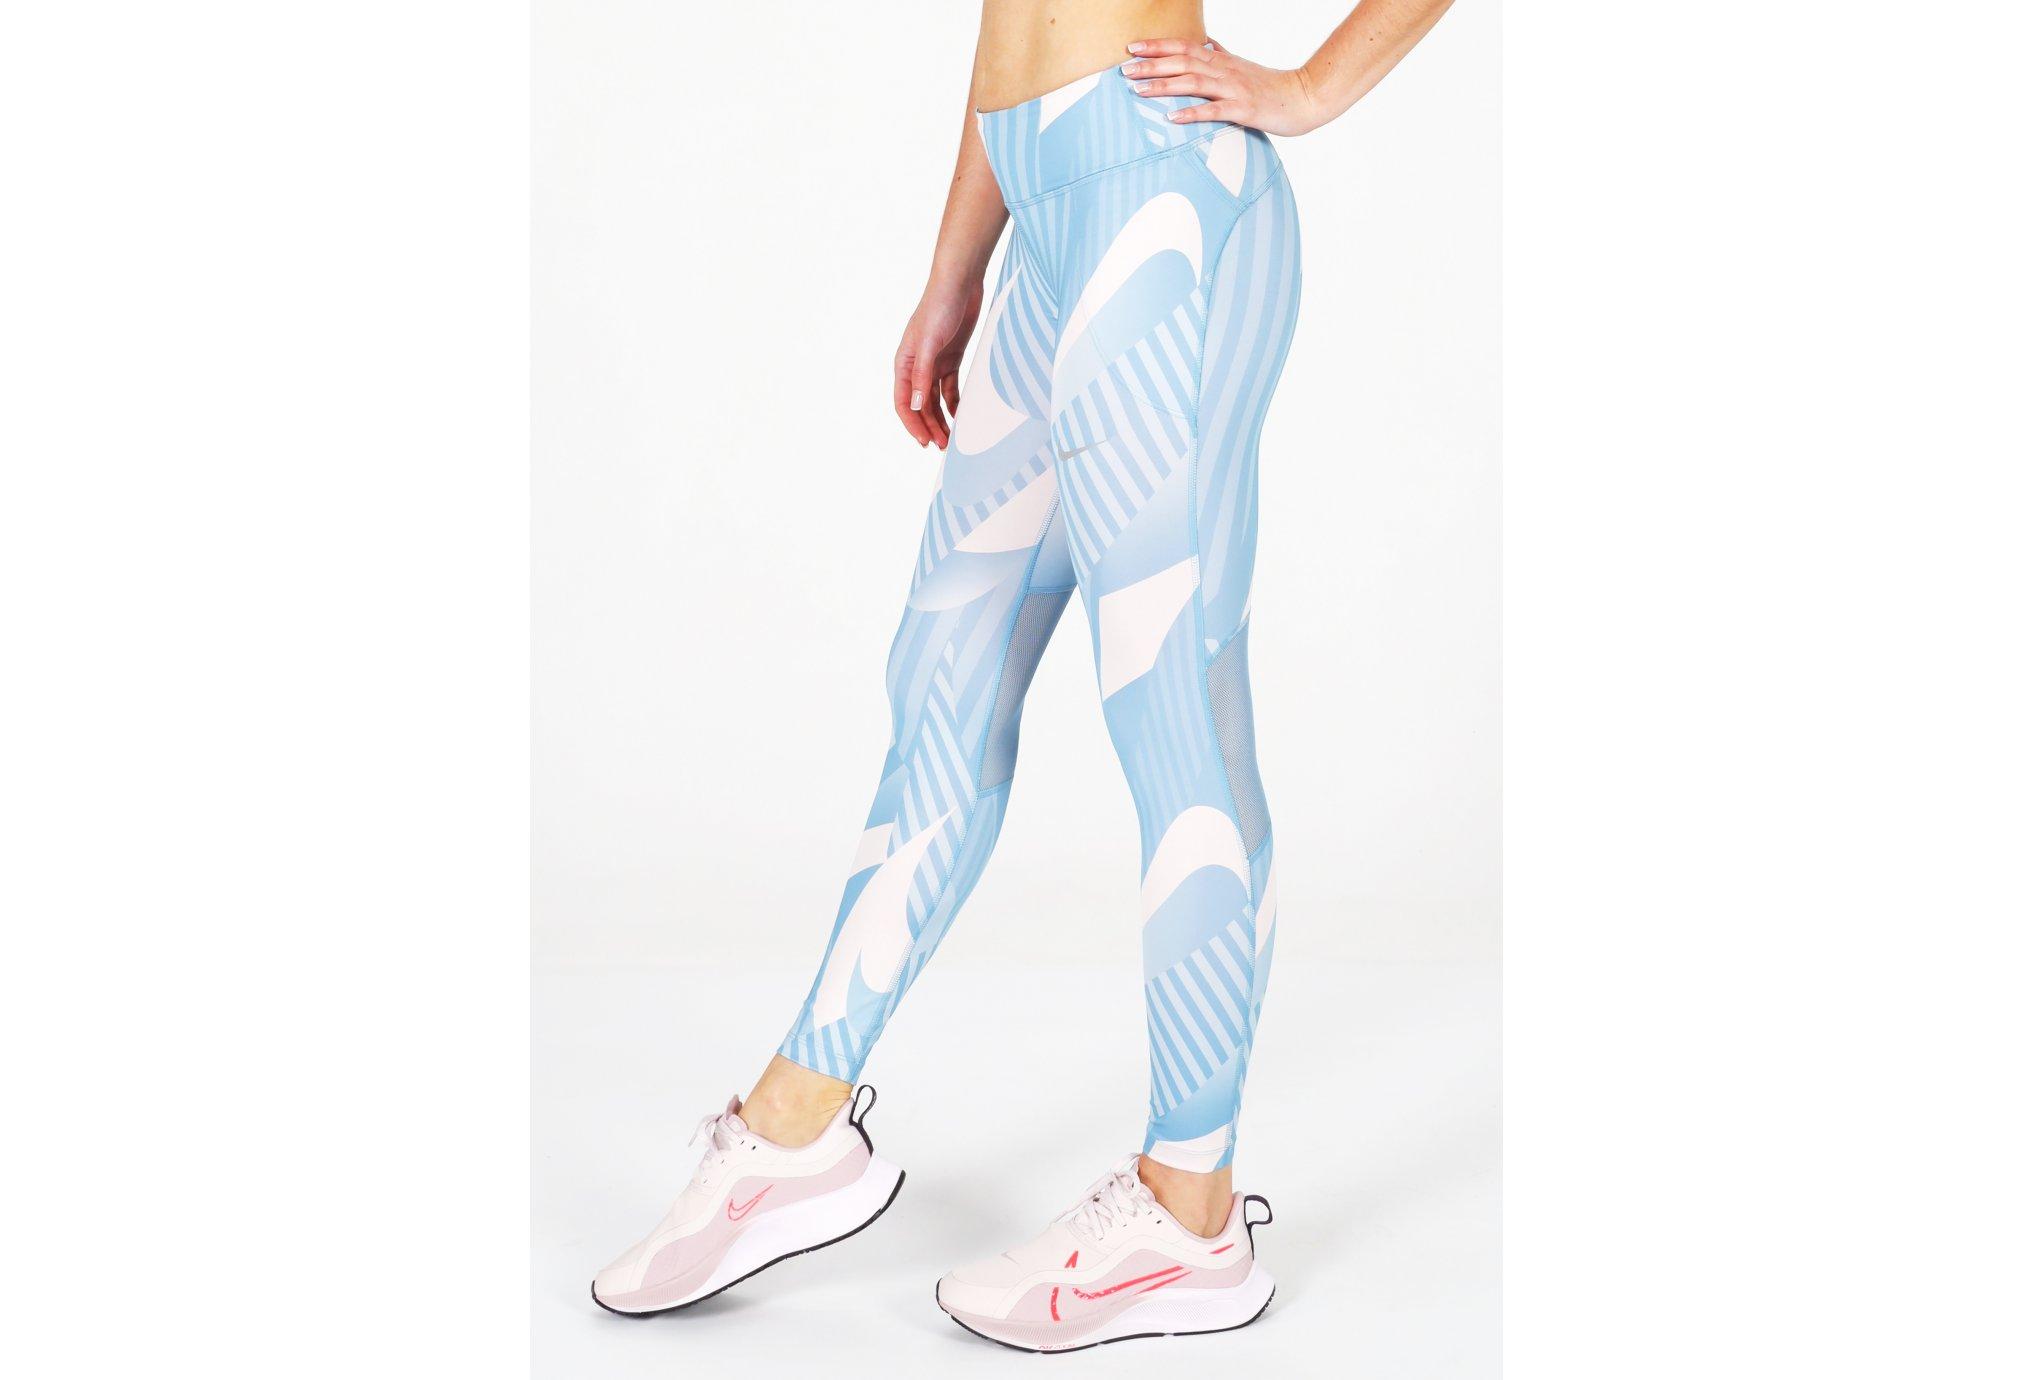 Nike Fast Runway 7/8 W Diététique Vêtements femme